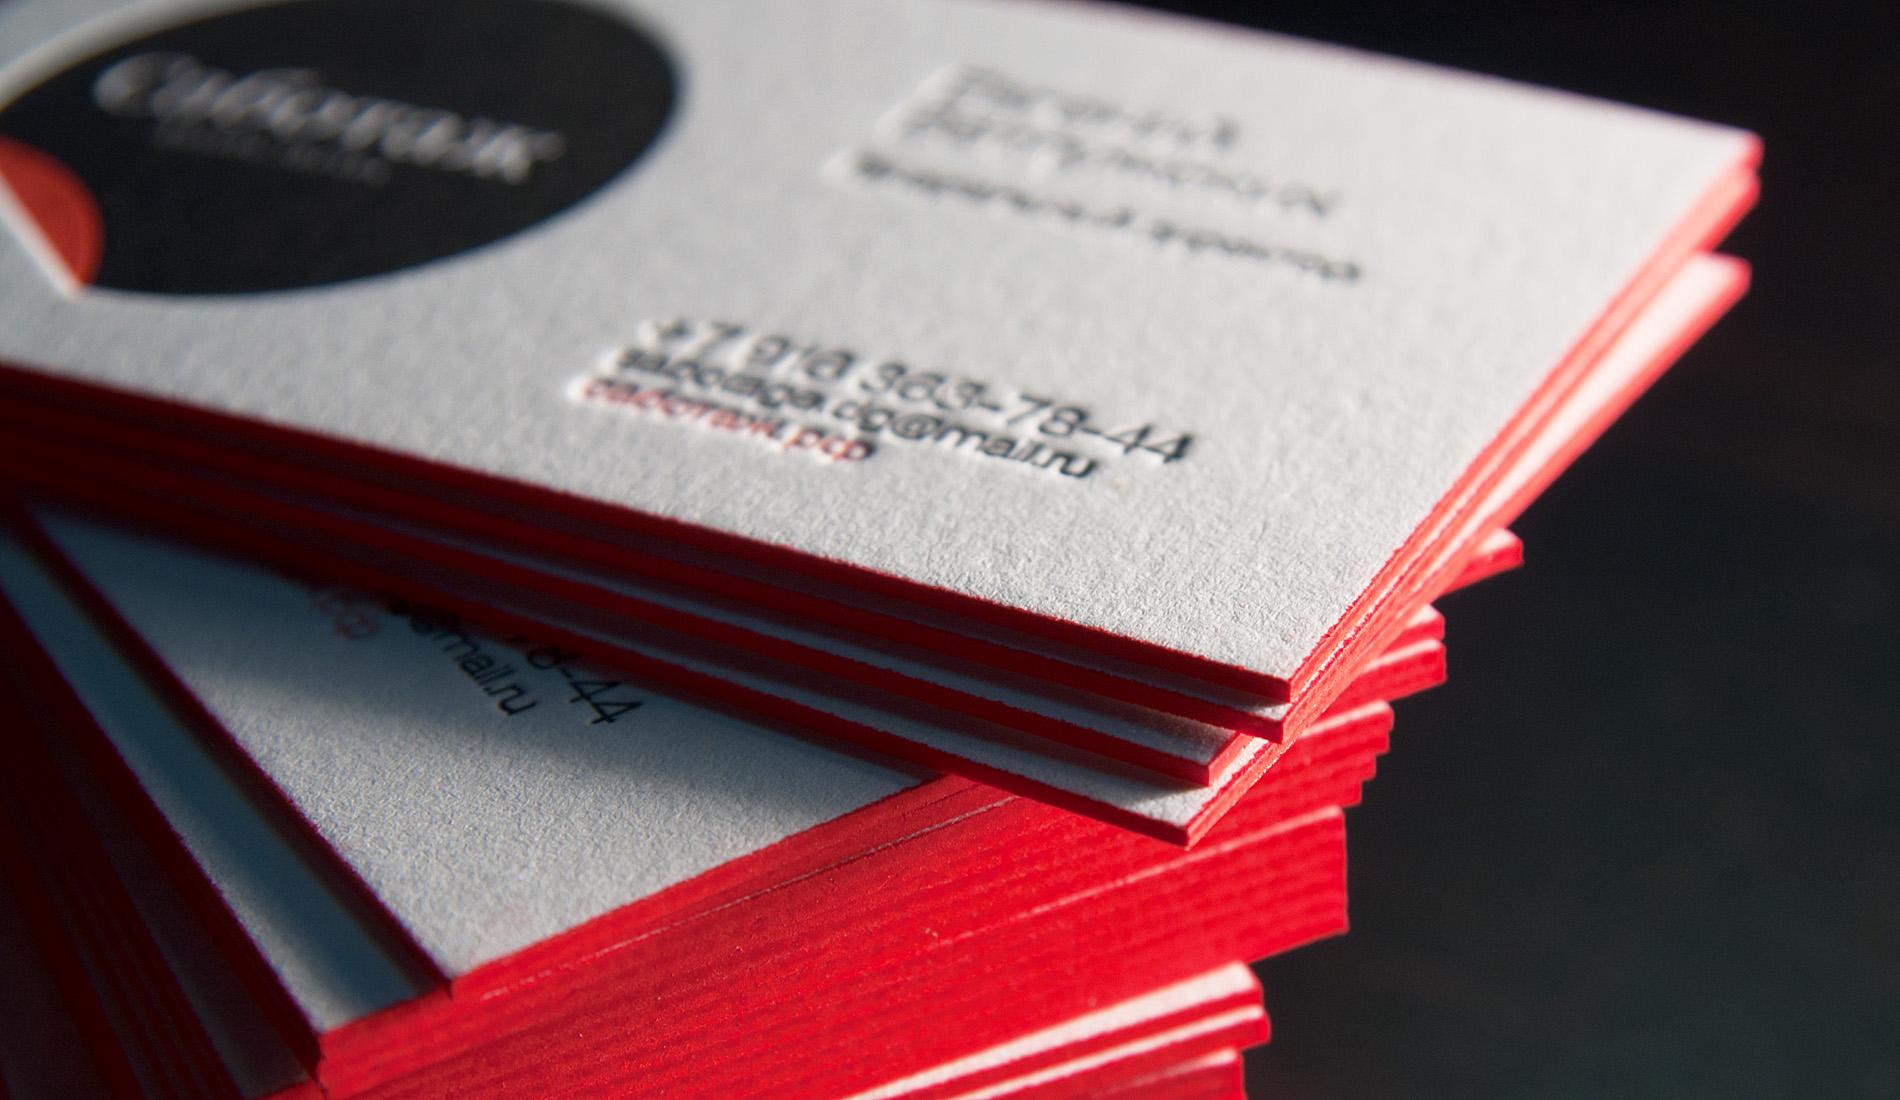 Скачать программе изготовления визиток в домашних условиях